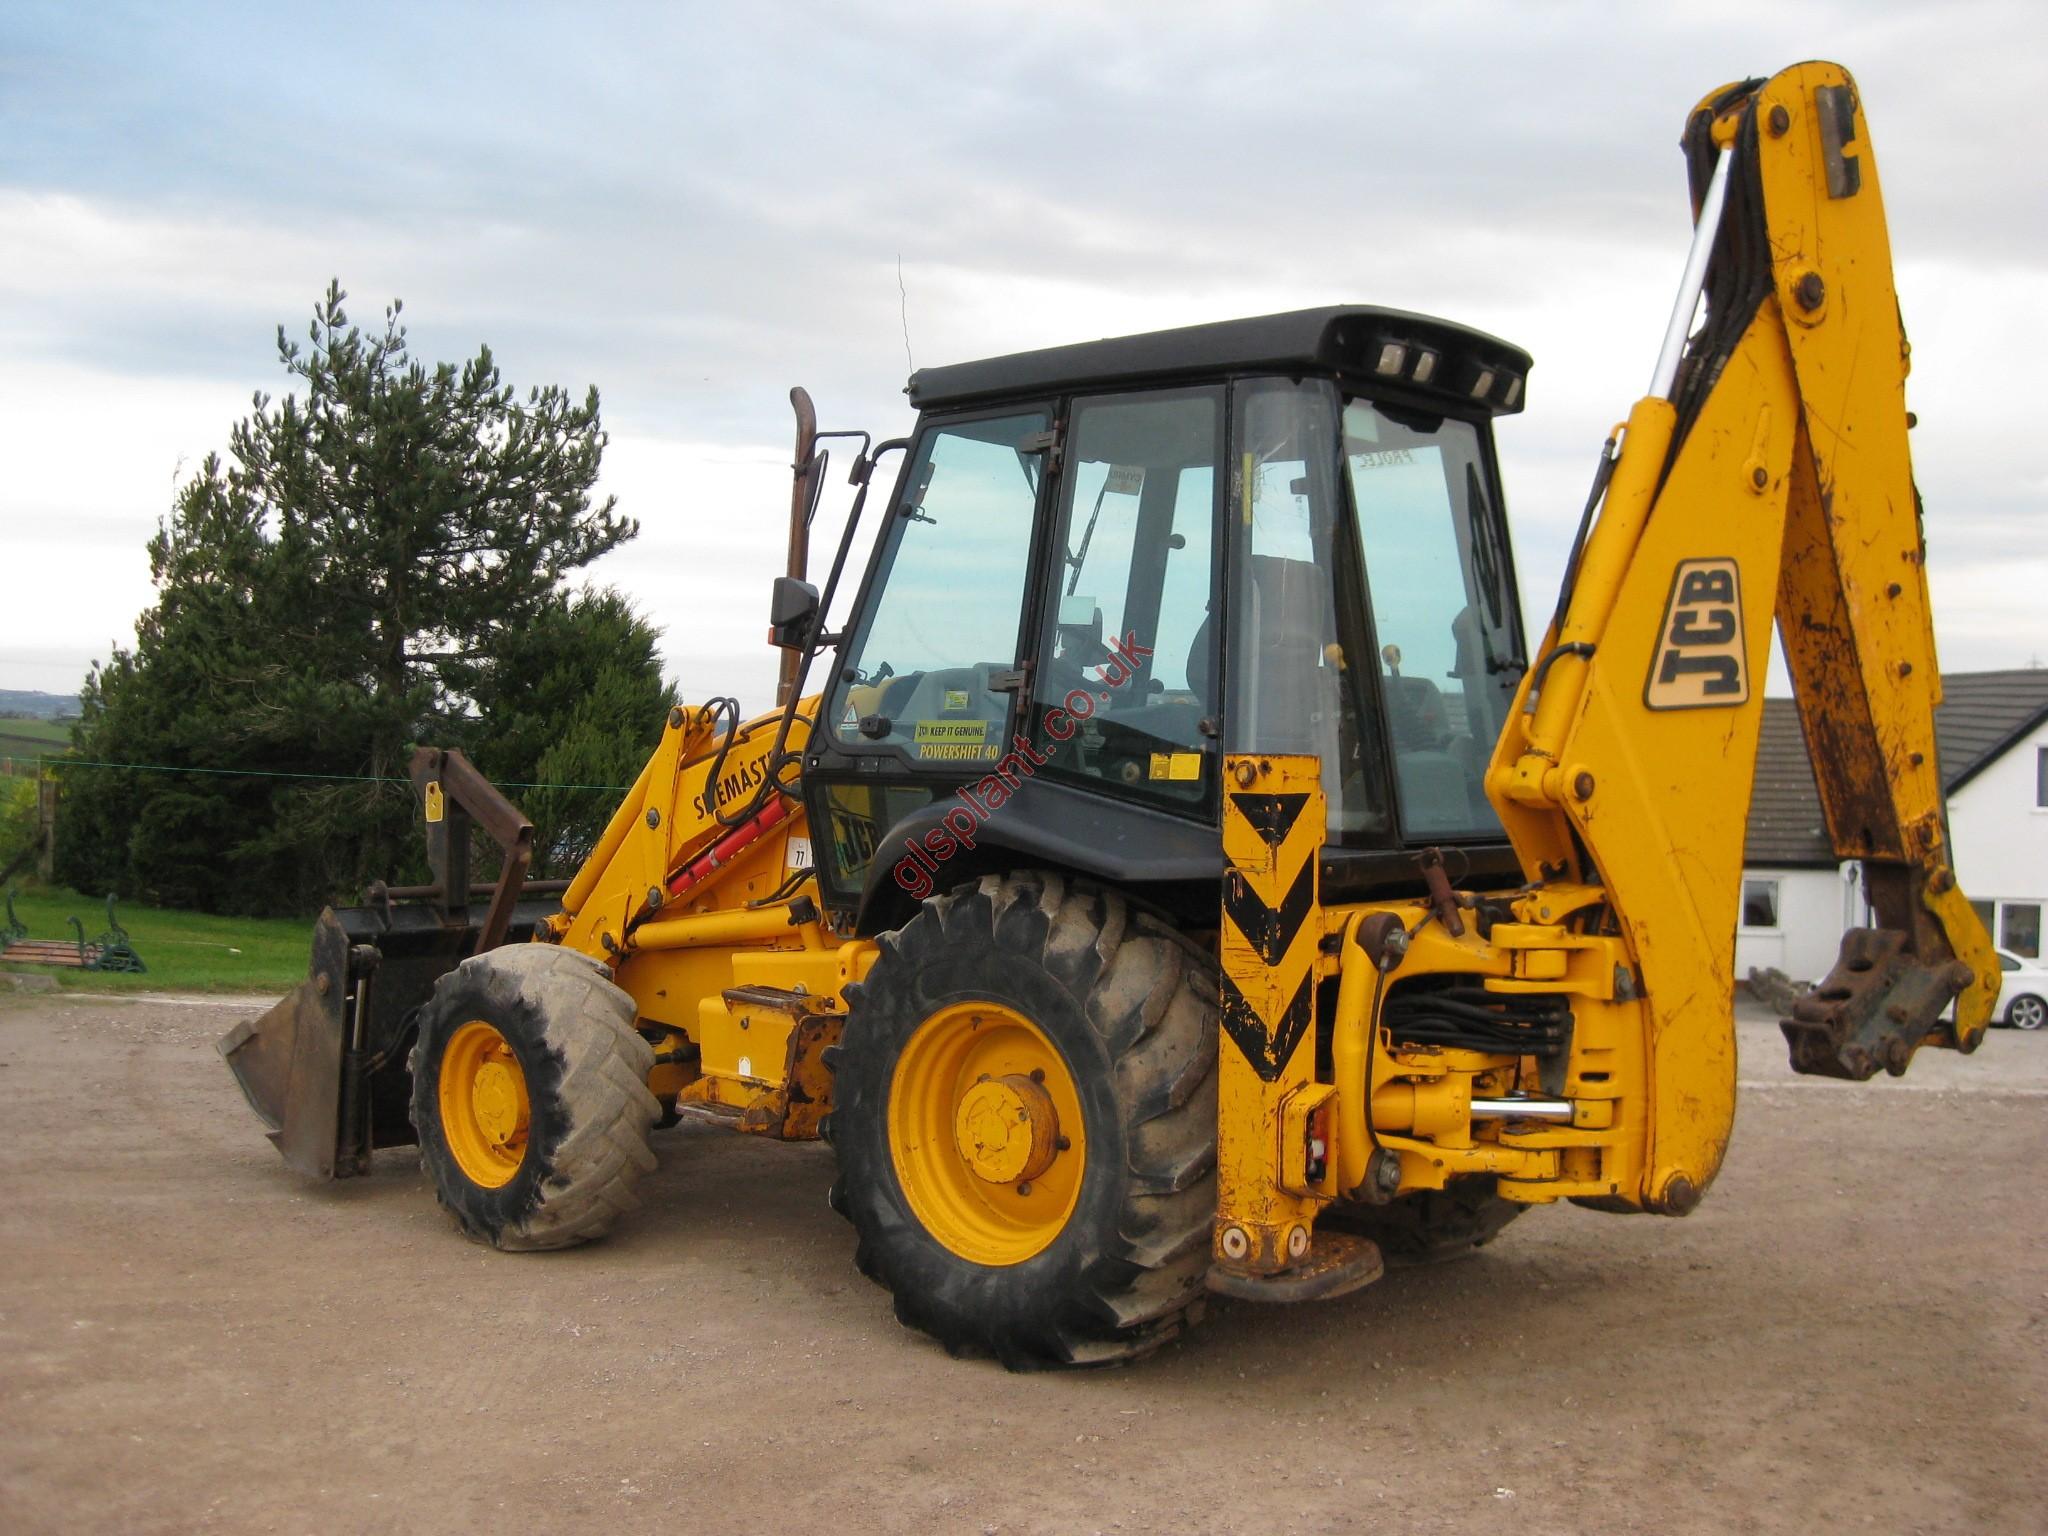 jcb 3cx contractor backhoe loader for sale